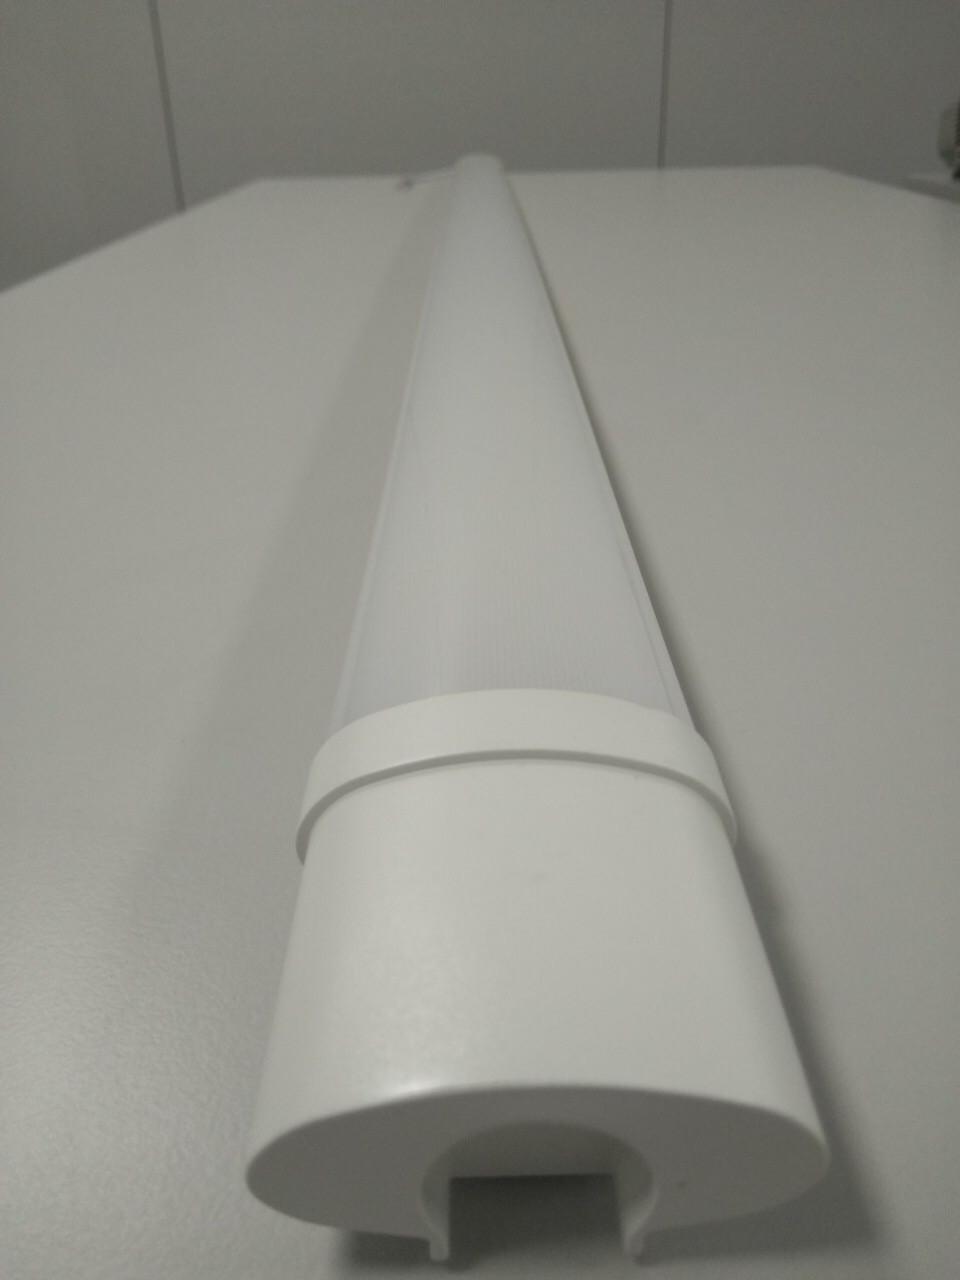 Светодиодный светильник Elmar DPL 9601S 36W 4200K 3060LM 1.2M IP65 (DPL.9601S.36.4200.IP65)